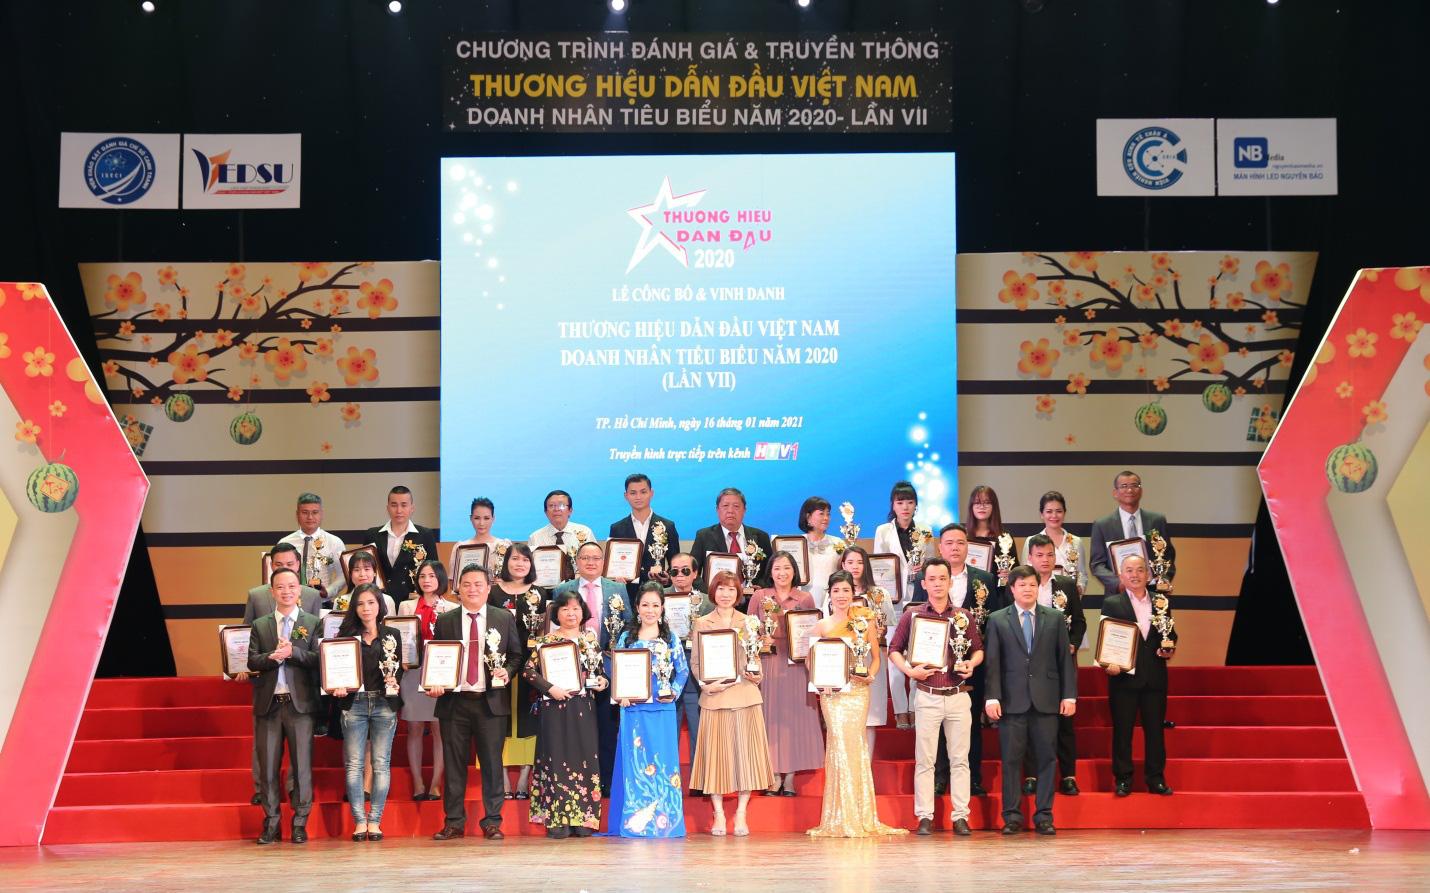 ELLY được vinh danh trong Top 100 thương hiệu dẫn đầu Việt Nam 2020